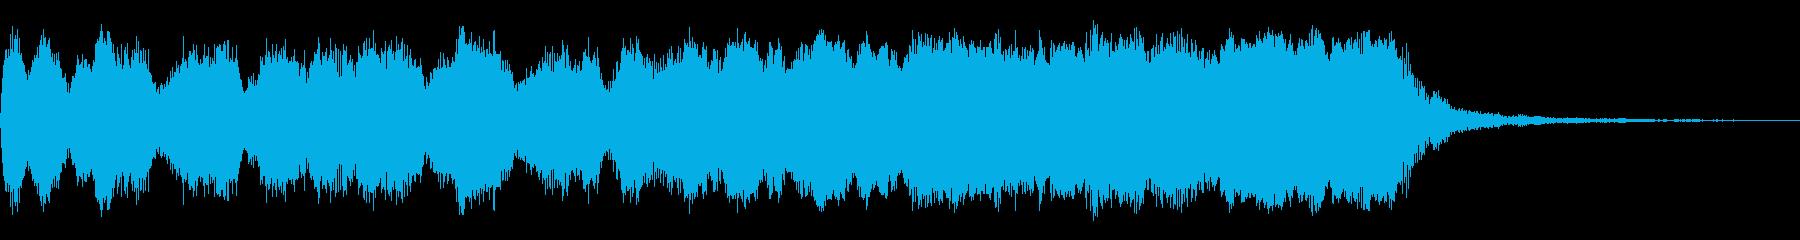 ハリウッド「15秒・壮大」オーケストラaの再生済みの波形